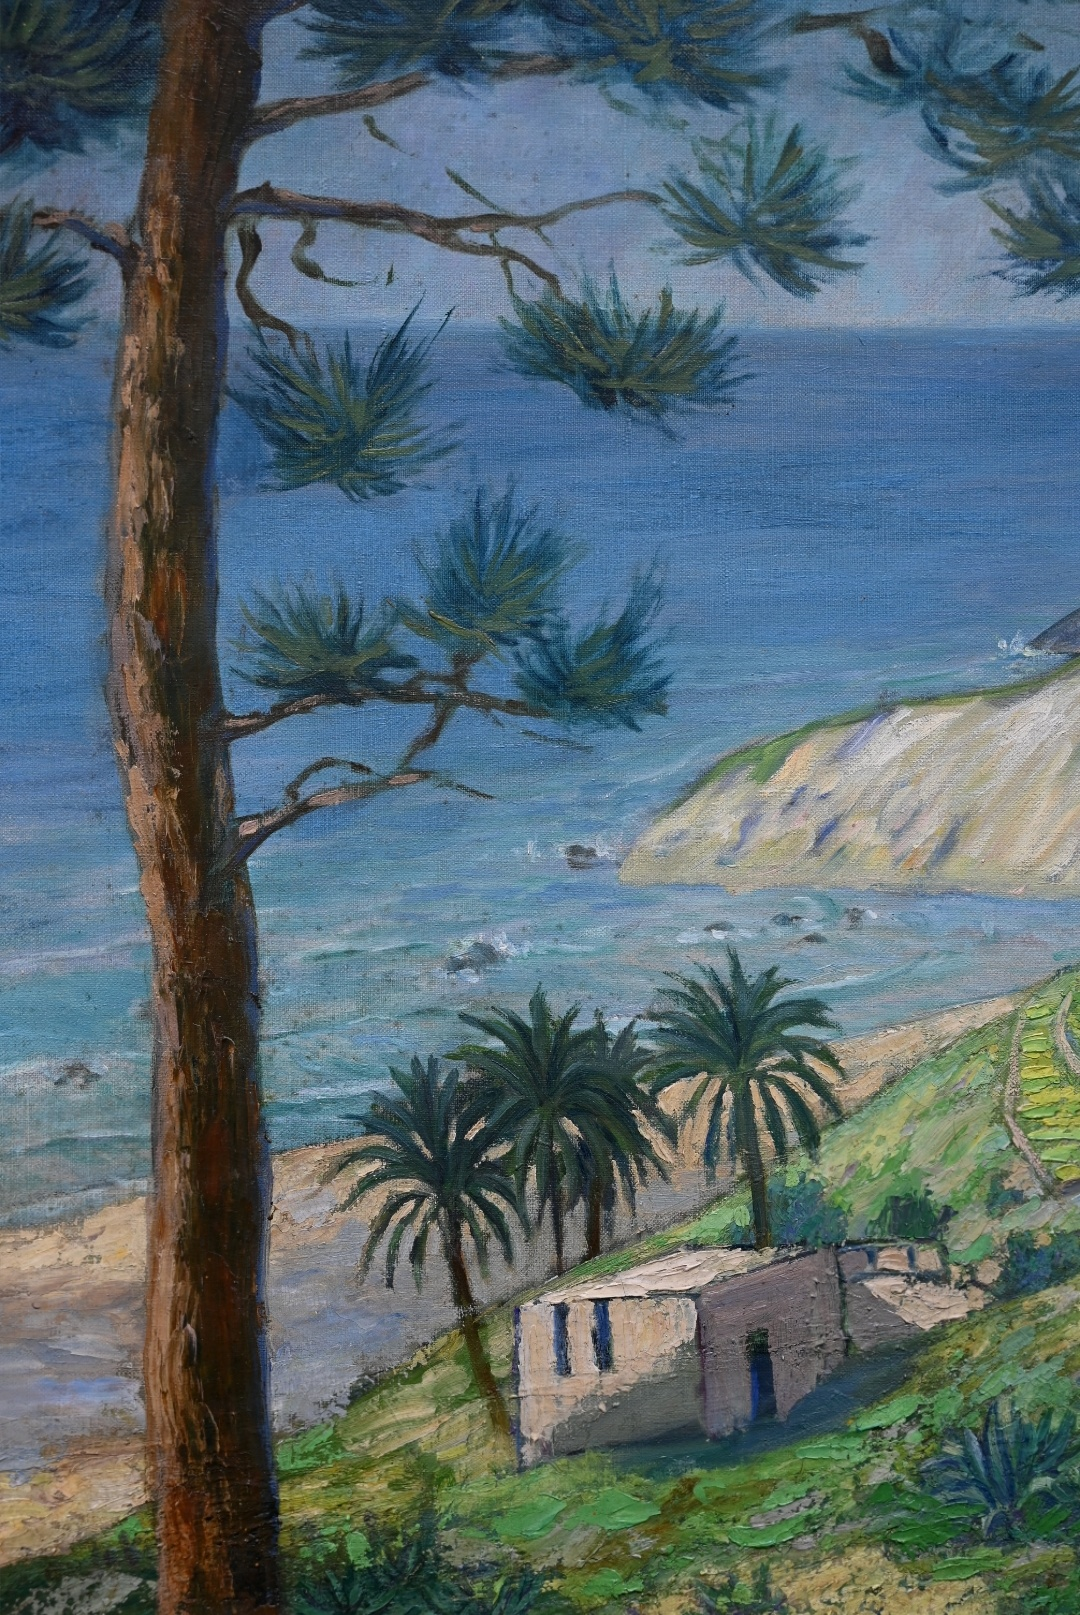 Maler des 20. Jahrhunderts » Öl-Gemälde Postimpressionismus italienische Küstenlandschaft